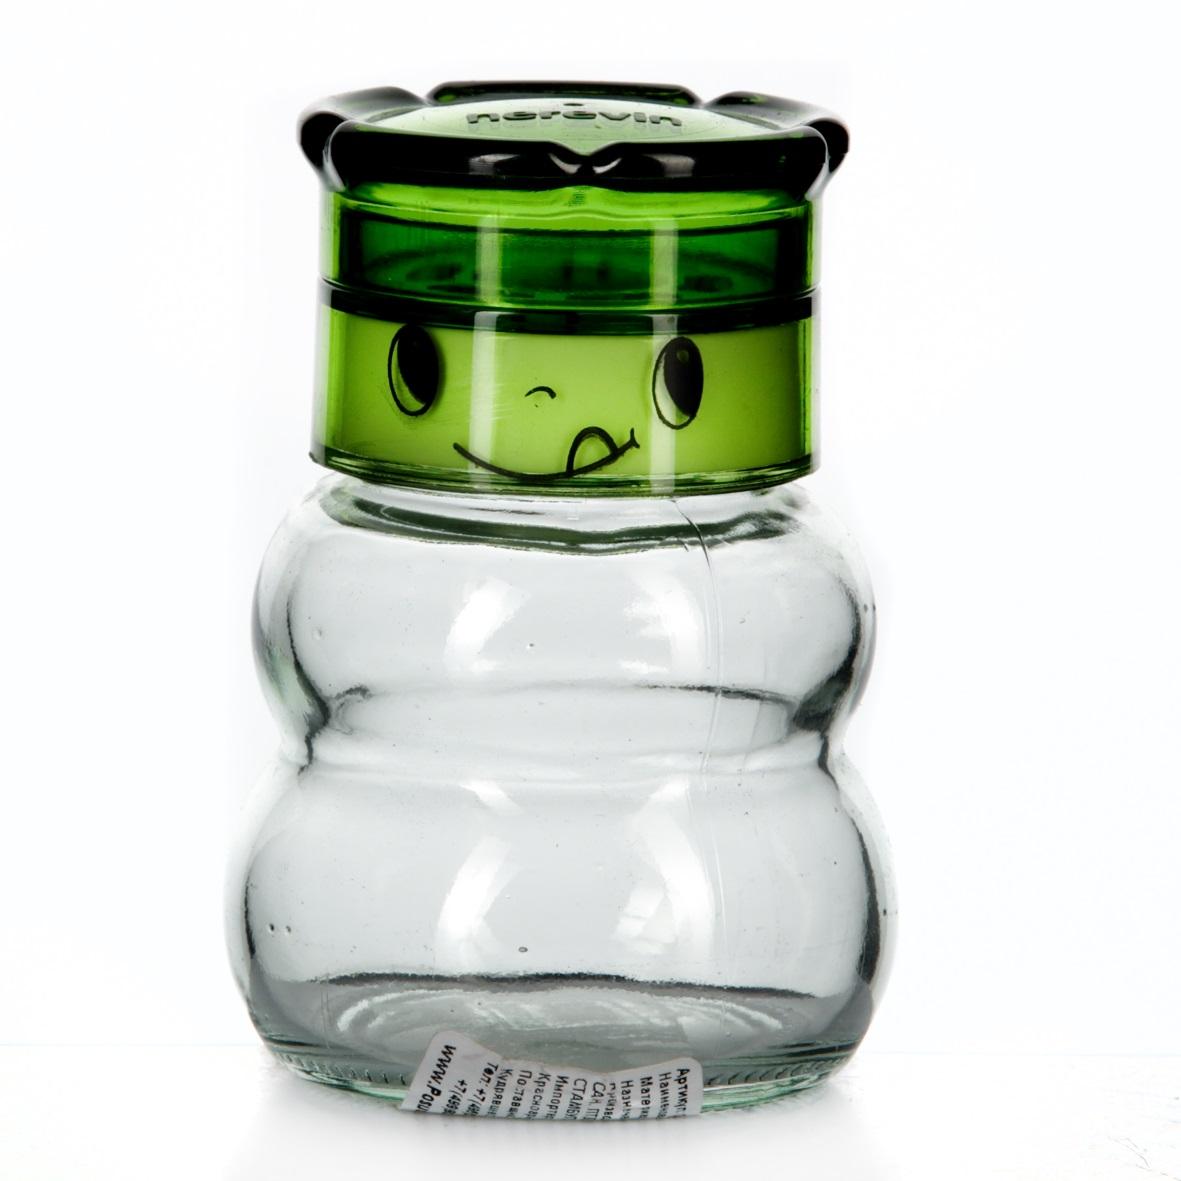 Мельница для специй Herevin, цвет: зеленый, 200 мл115510Мельница для соли Herevin, изготовленная из стекла и пластика, легка в использовании. Стоит только покрутить верхнюю часть мельницы, и вы с легкостью сможете посолить по своему вкусу любое блюдо. Крышка украшена изображением забавной мордочки. Механизм мельницы изготовлен из пластика. Оригинальная мельница модного дизайна будет отлично смотреться на вашей кухне.Высота: 10 см.Диаметр (по верхнему краю): 4 см.Диаметр основания: 6 см.